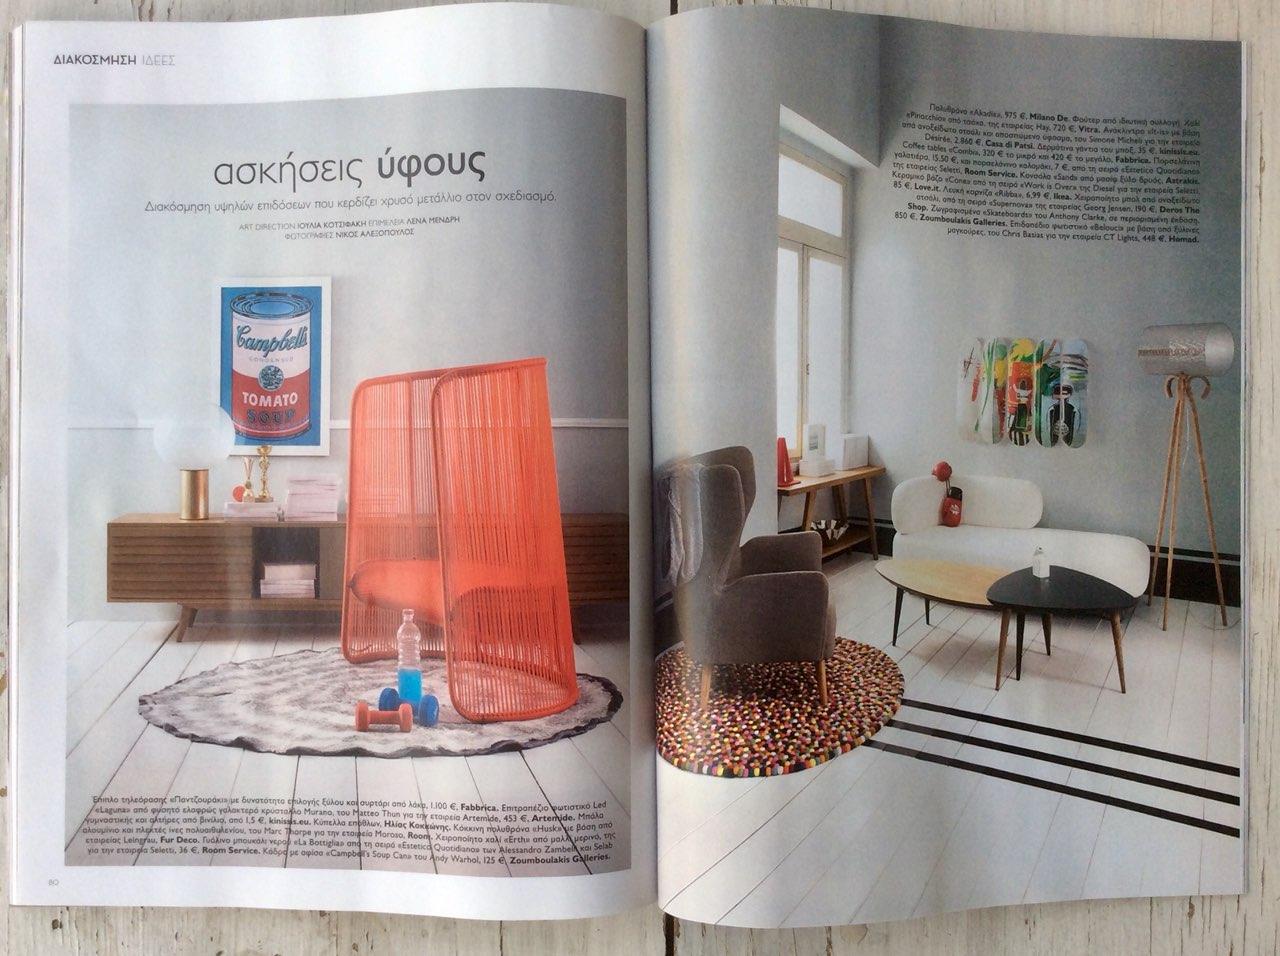 maison dcoration magazine merveilleux magazine de decoration maison dcouvrez toutes nos pour un. Black Bedroom Furniture Sets. Home Design Ideas